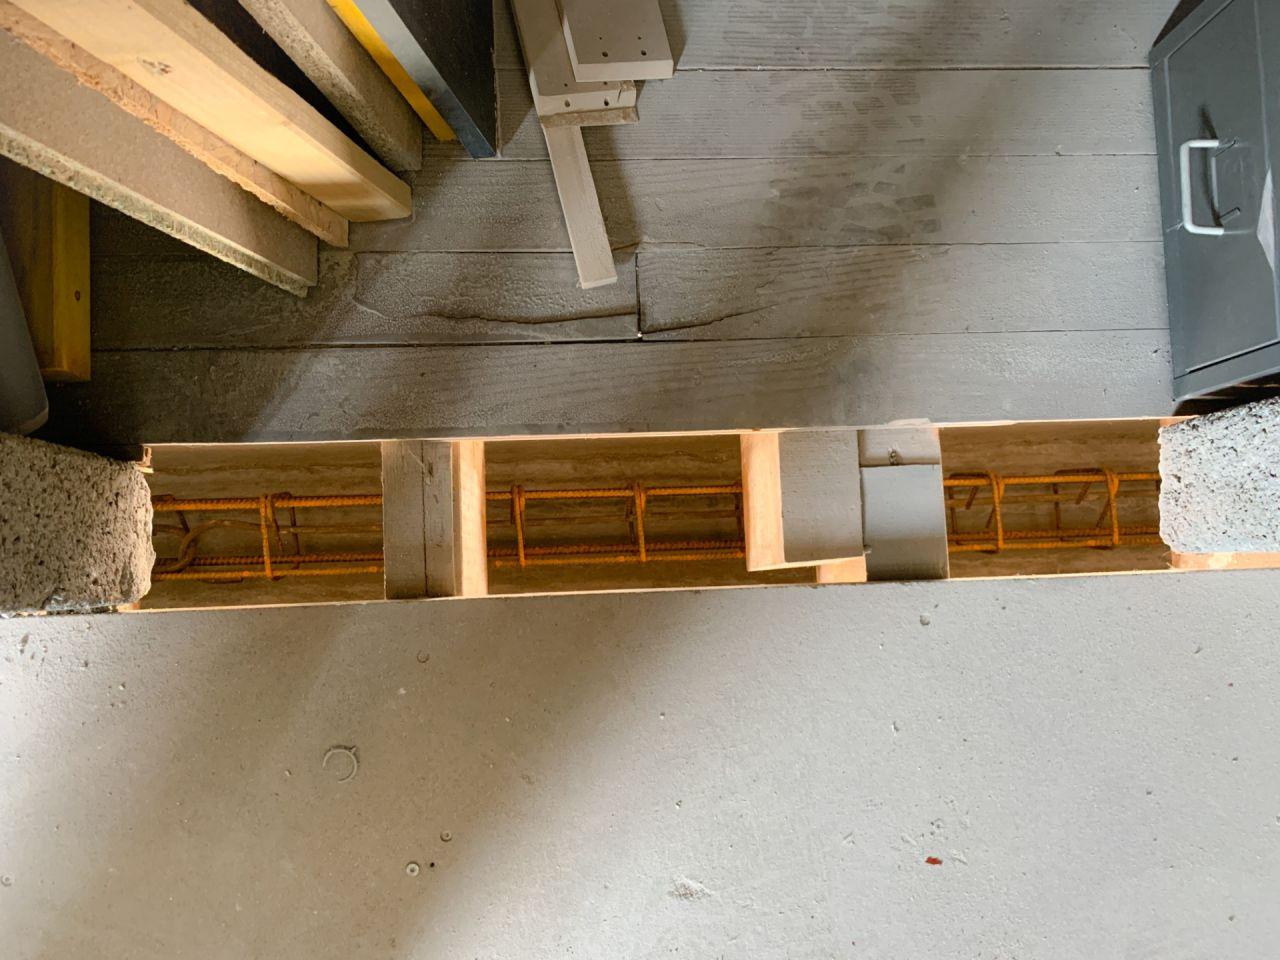 Vue de dessus, dépose d'une lame de plancher du faux grenier.